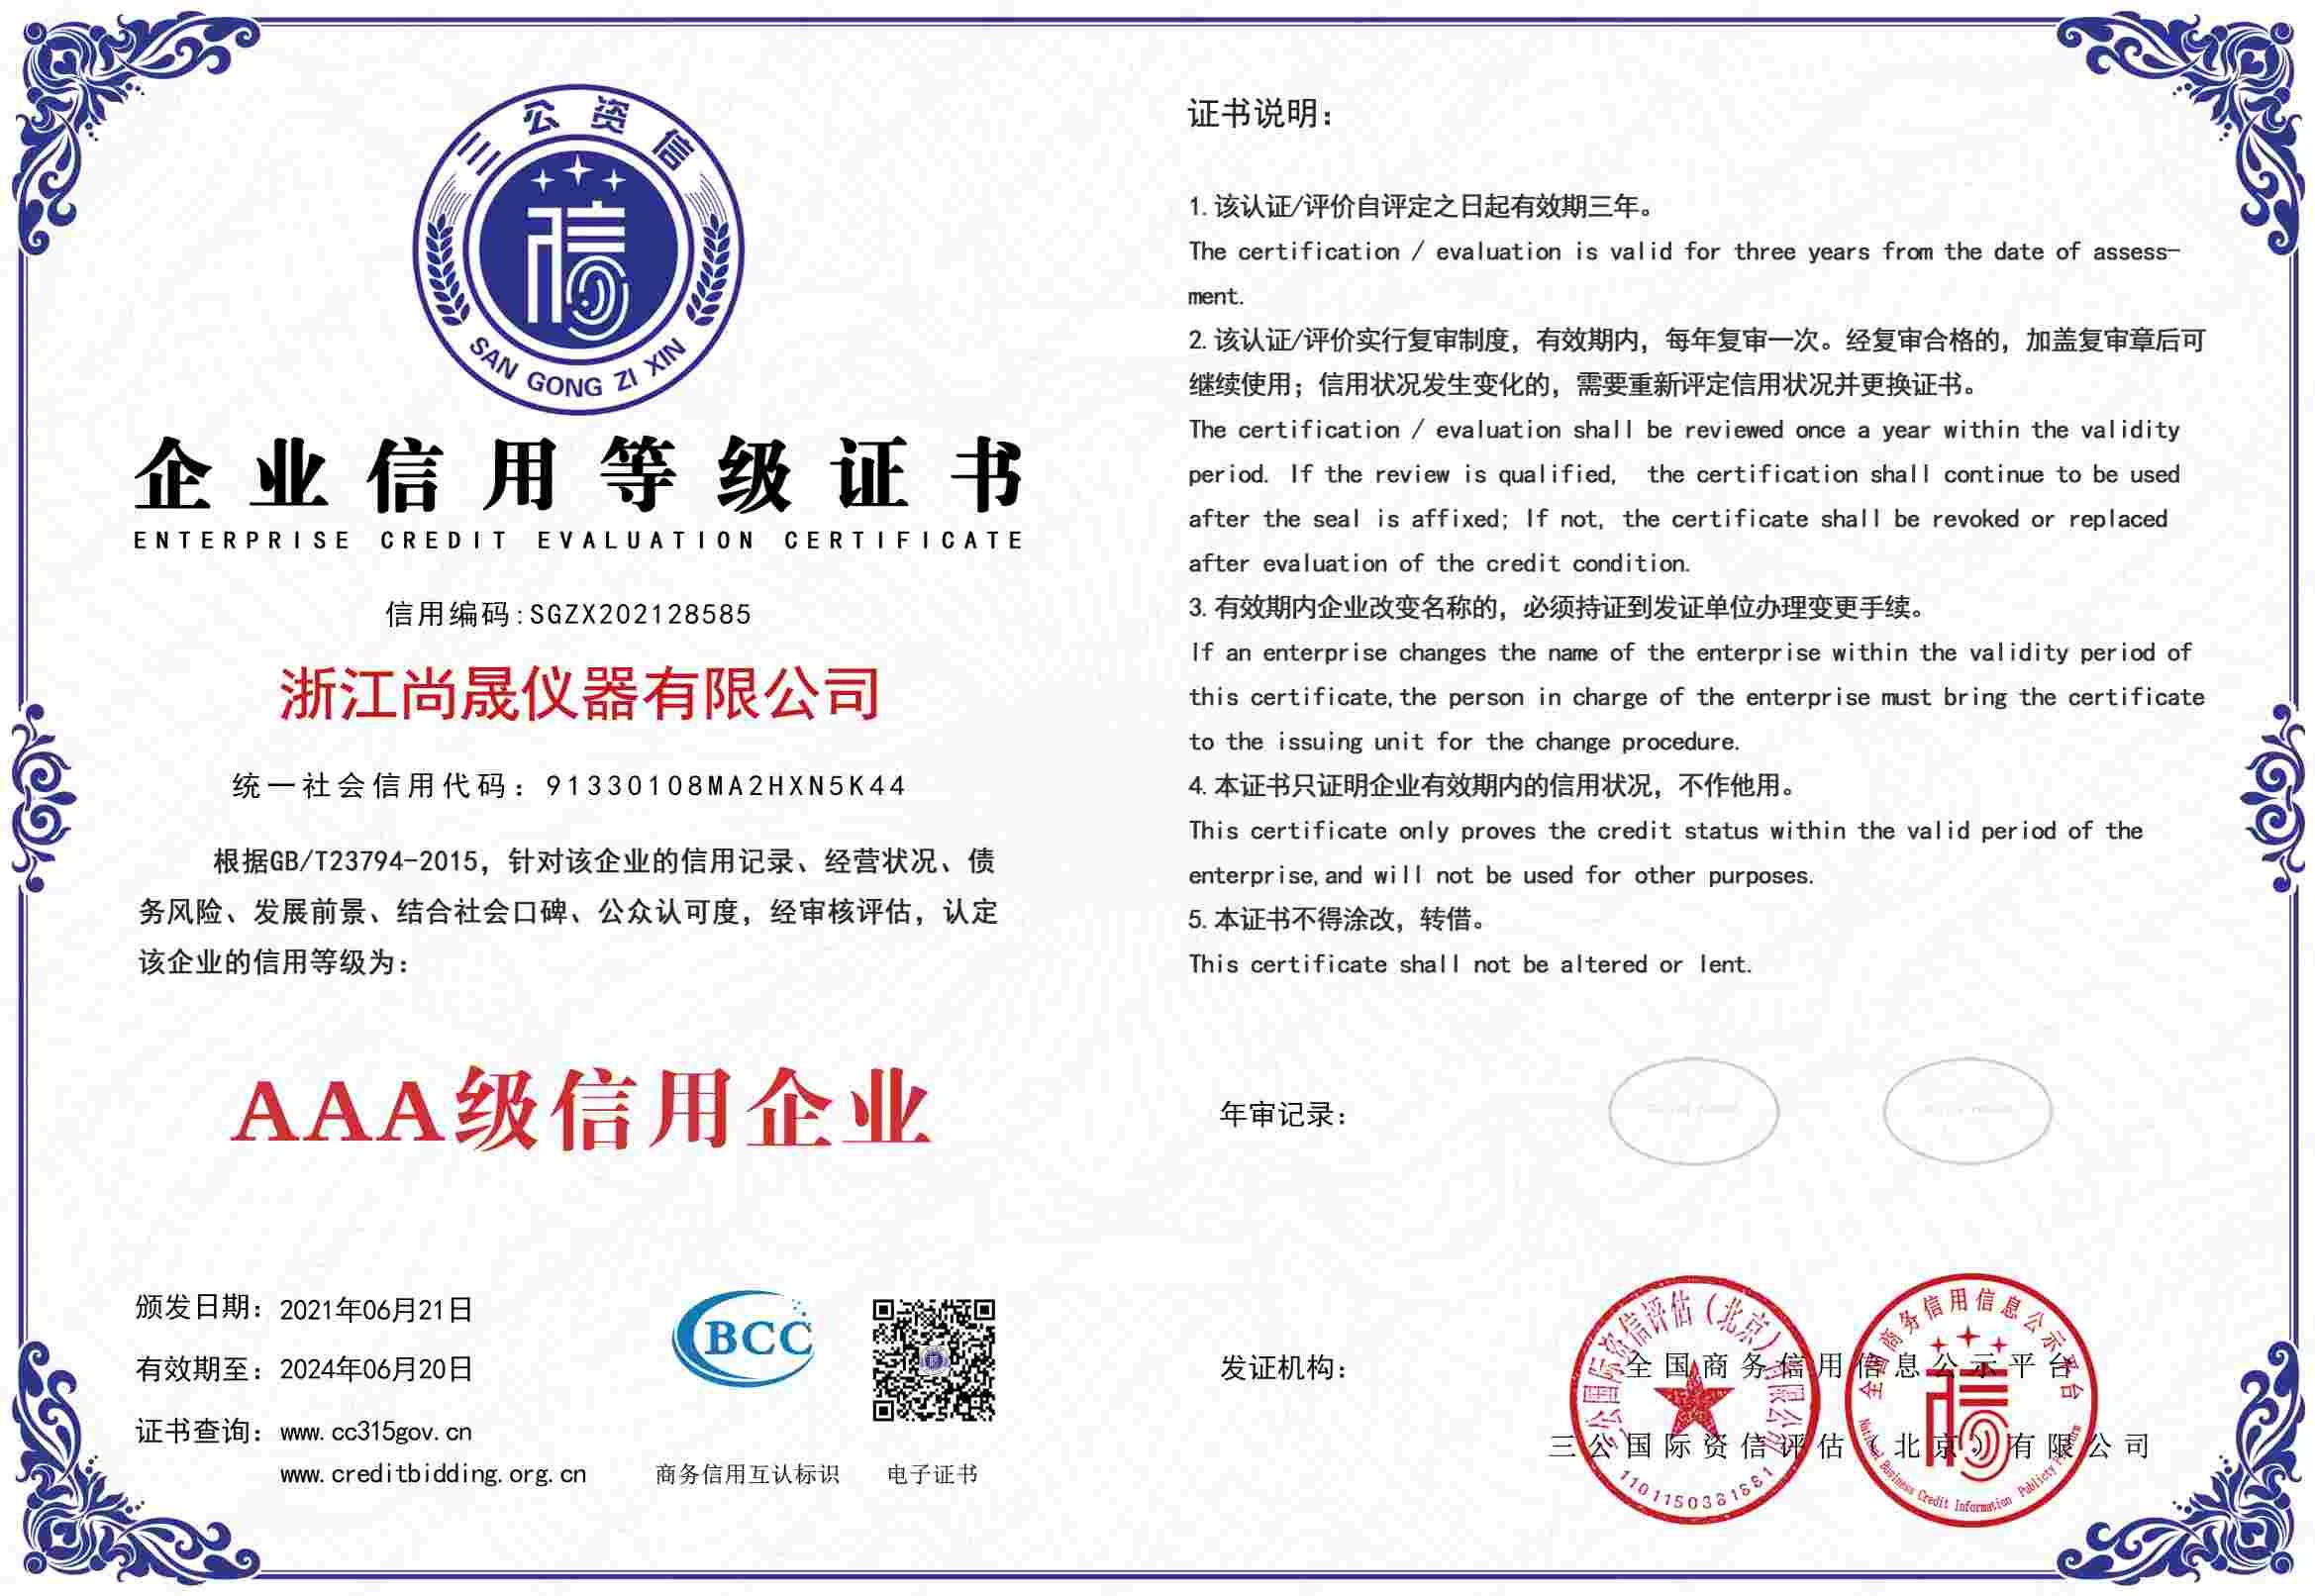 热烈祝贺我司荣获AAA级企业信用等级证书